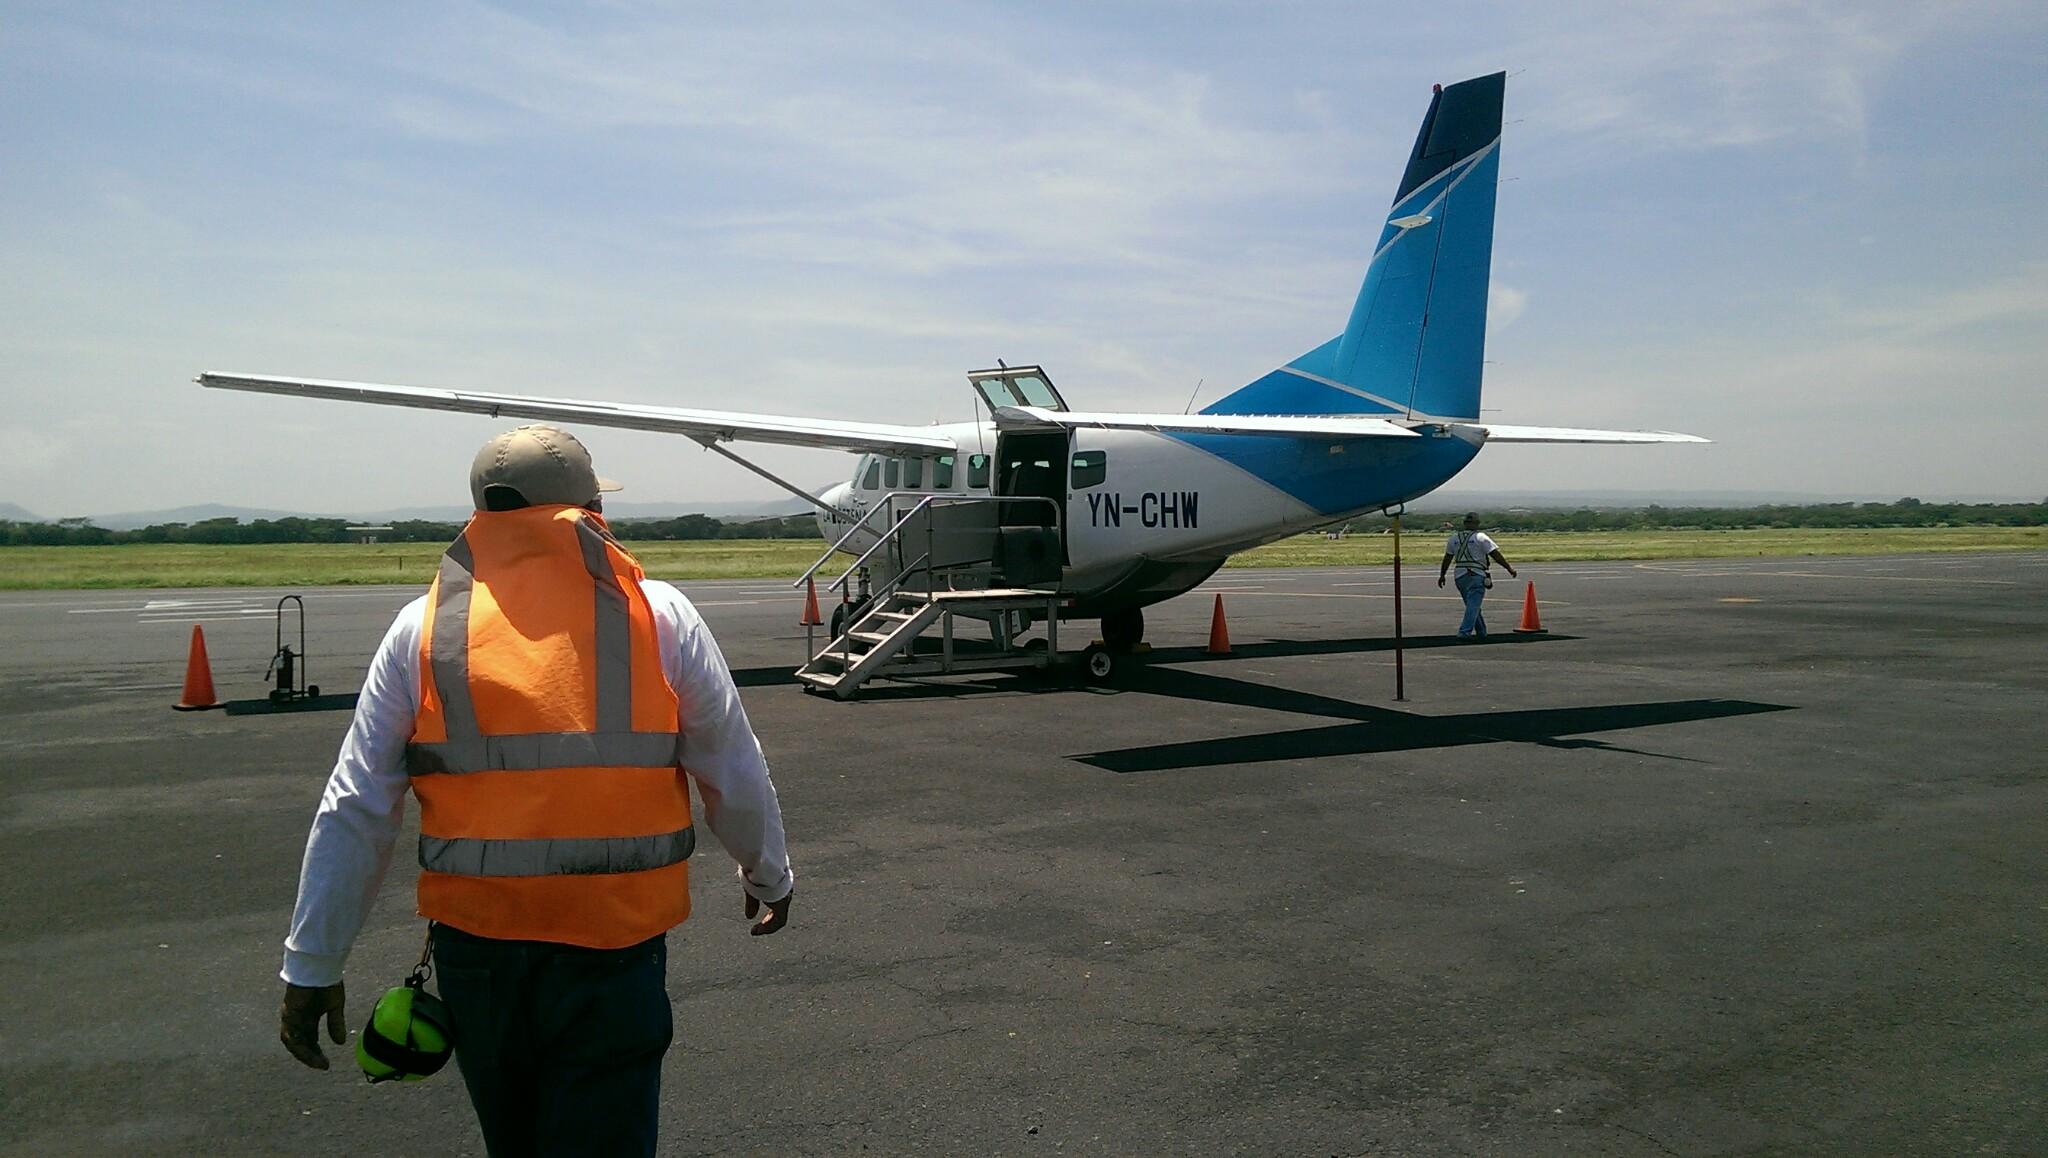 Flights to Big Corn Island in the small La Costeña plane